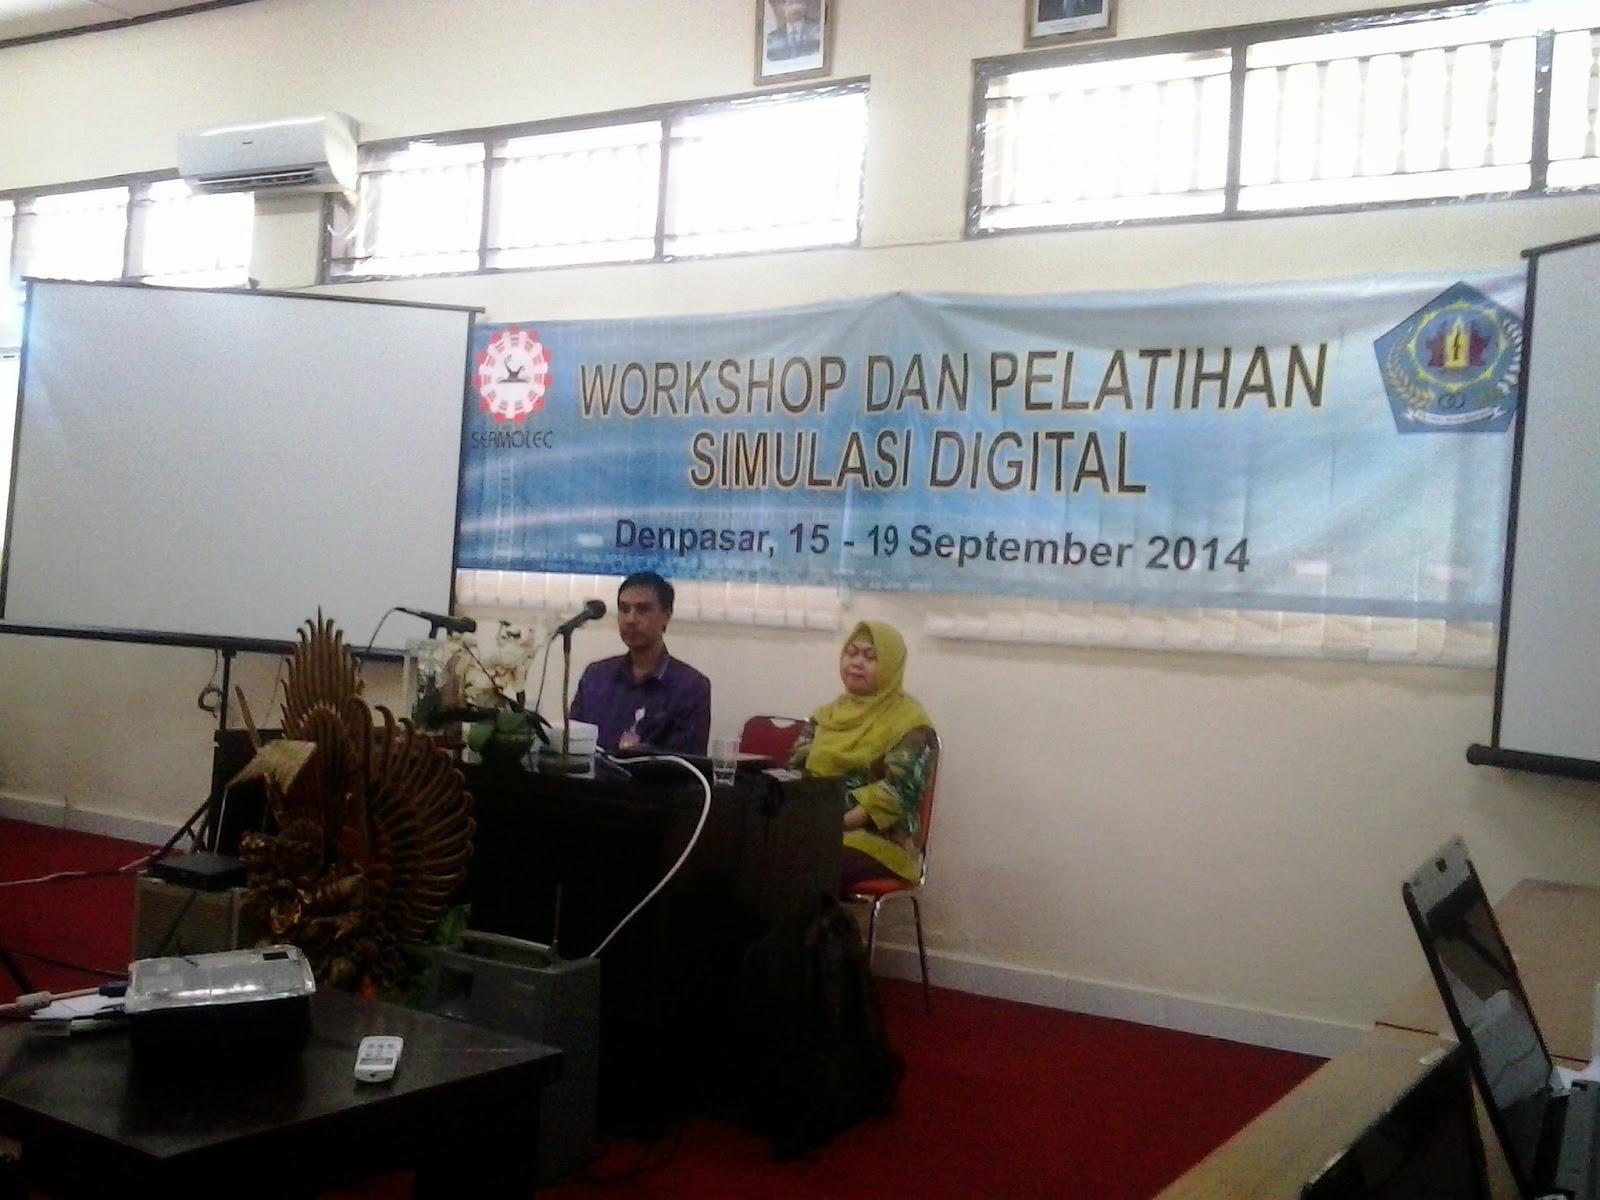 Workshop dan Pelatihan Simulasi Digital oleh Seamolec